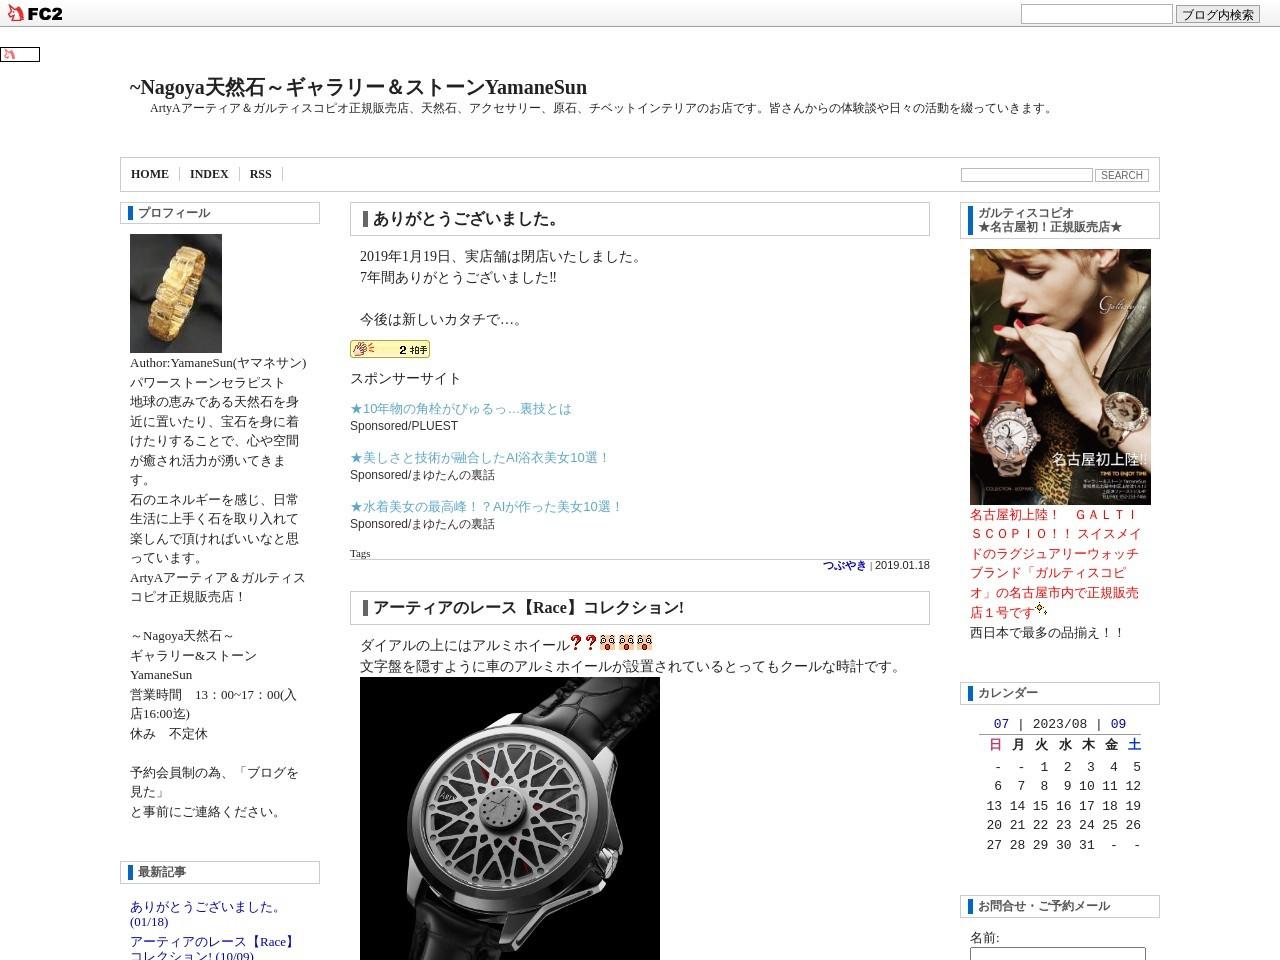 ~Nagoya天然石~ギャラリー&ストーンYamaneSun